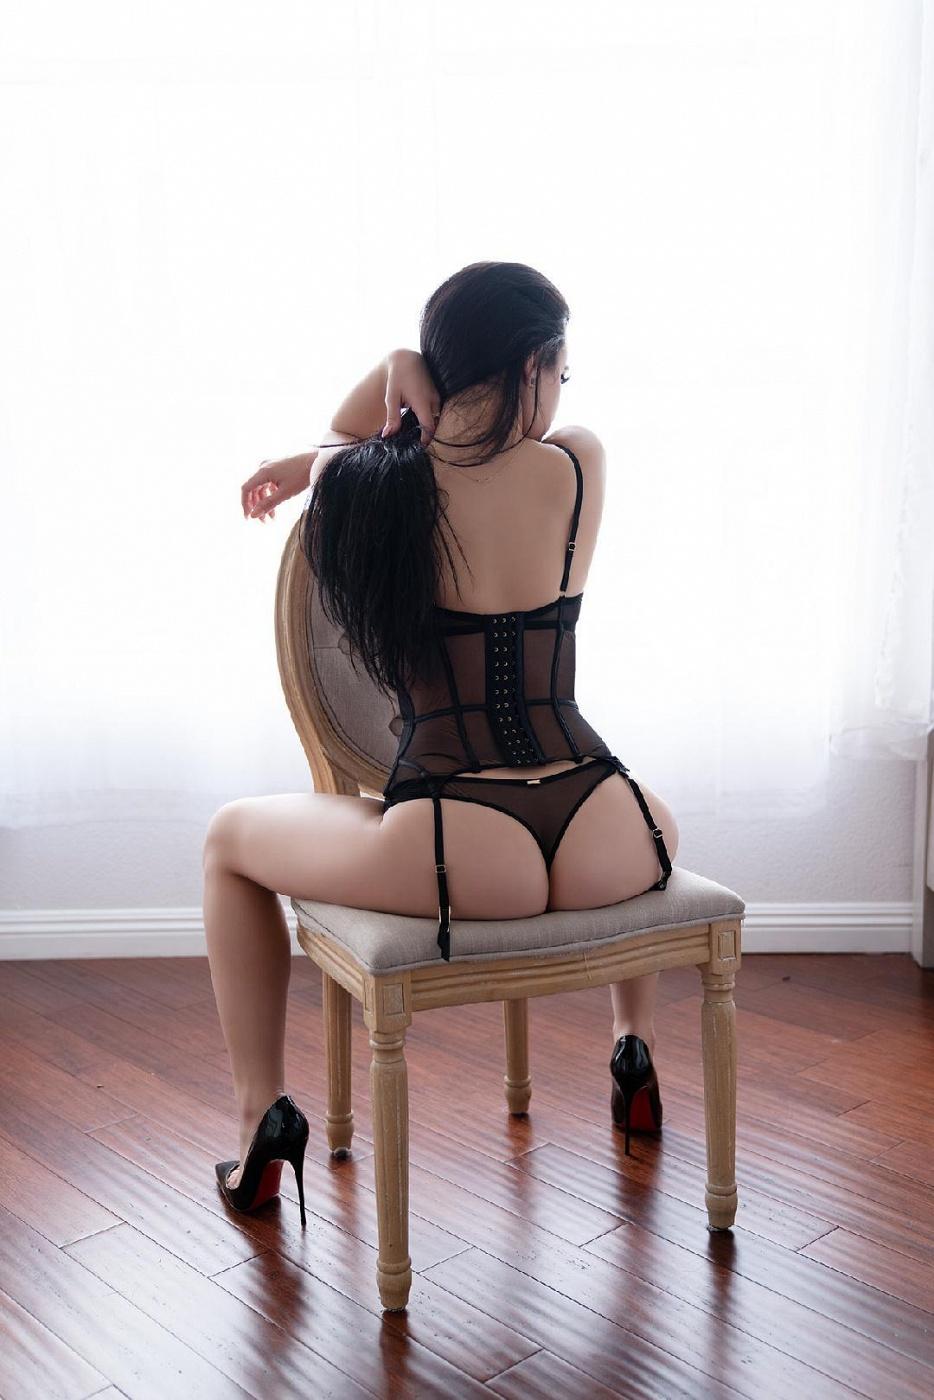 Isabella Ivy